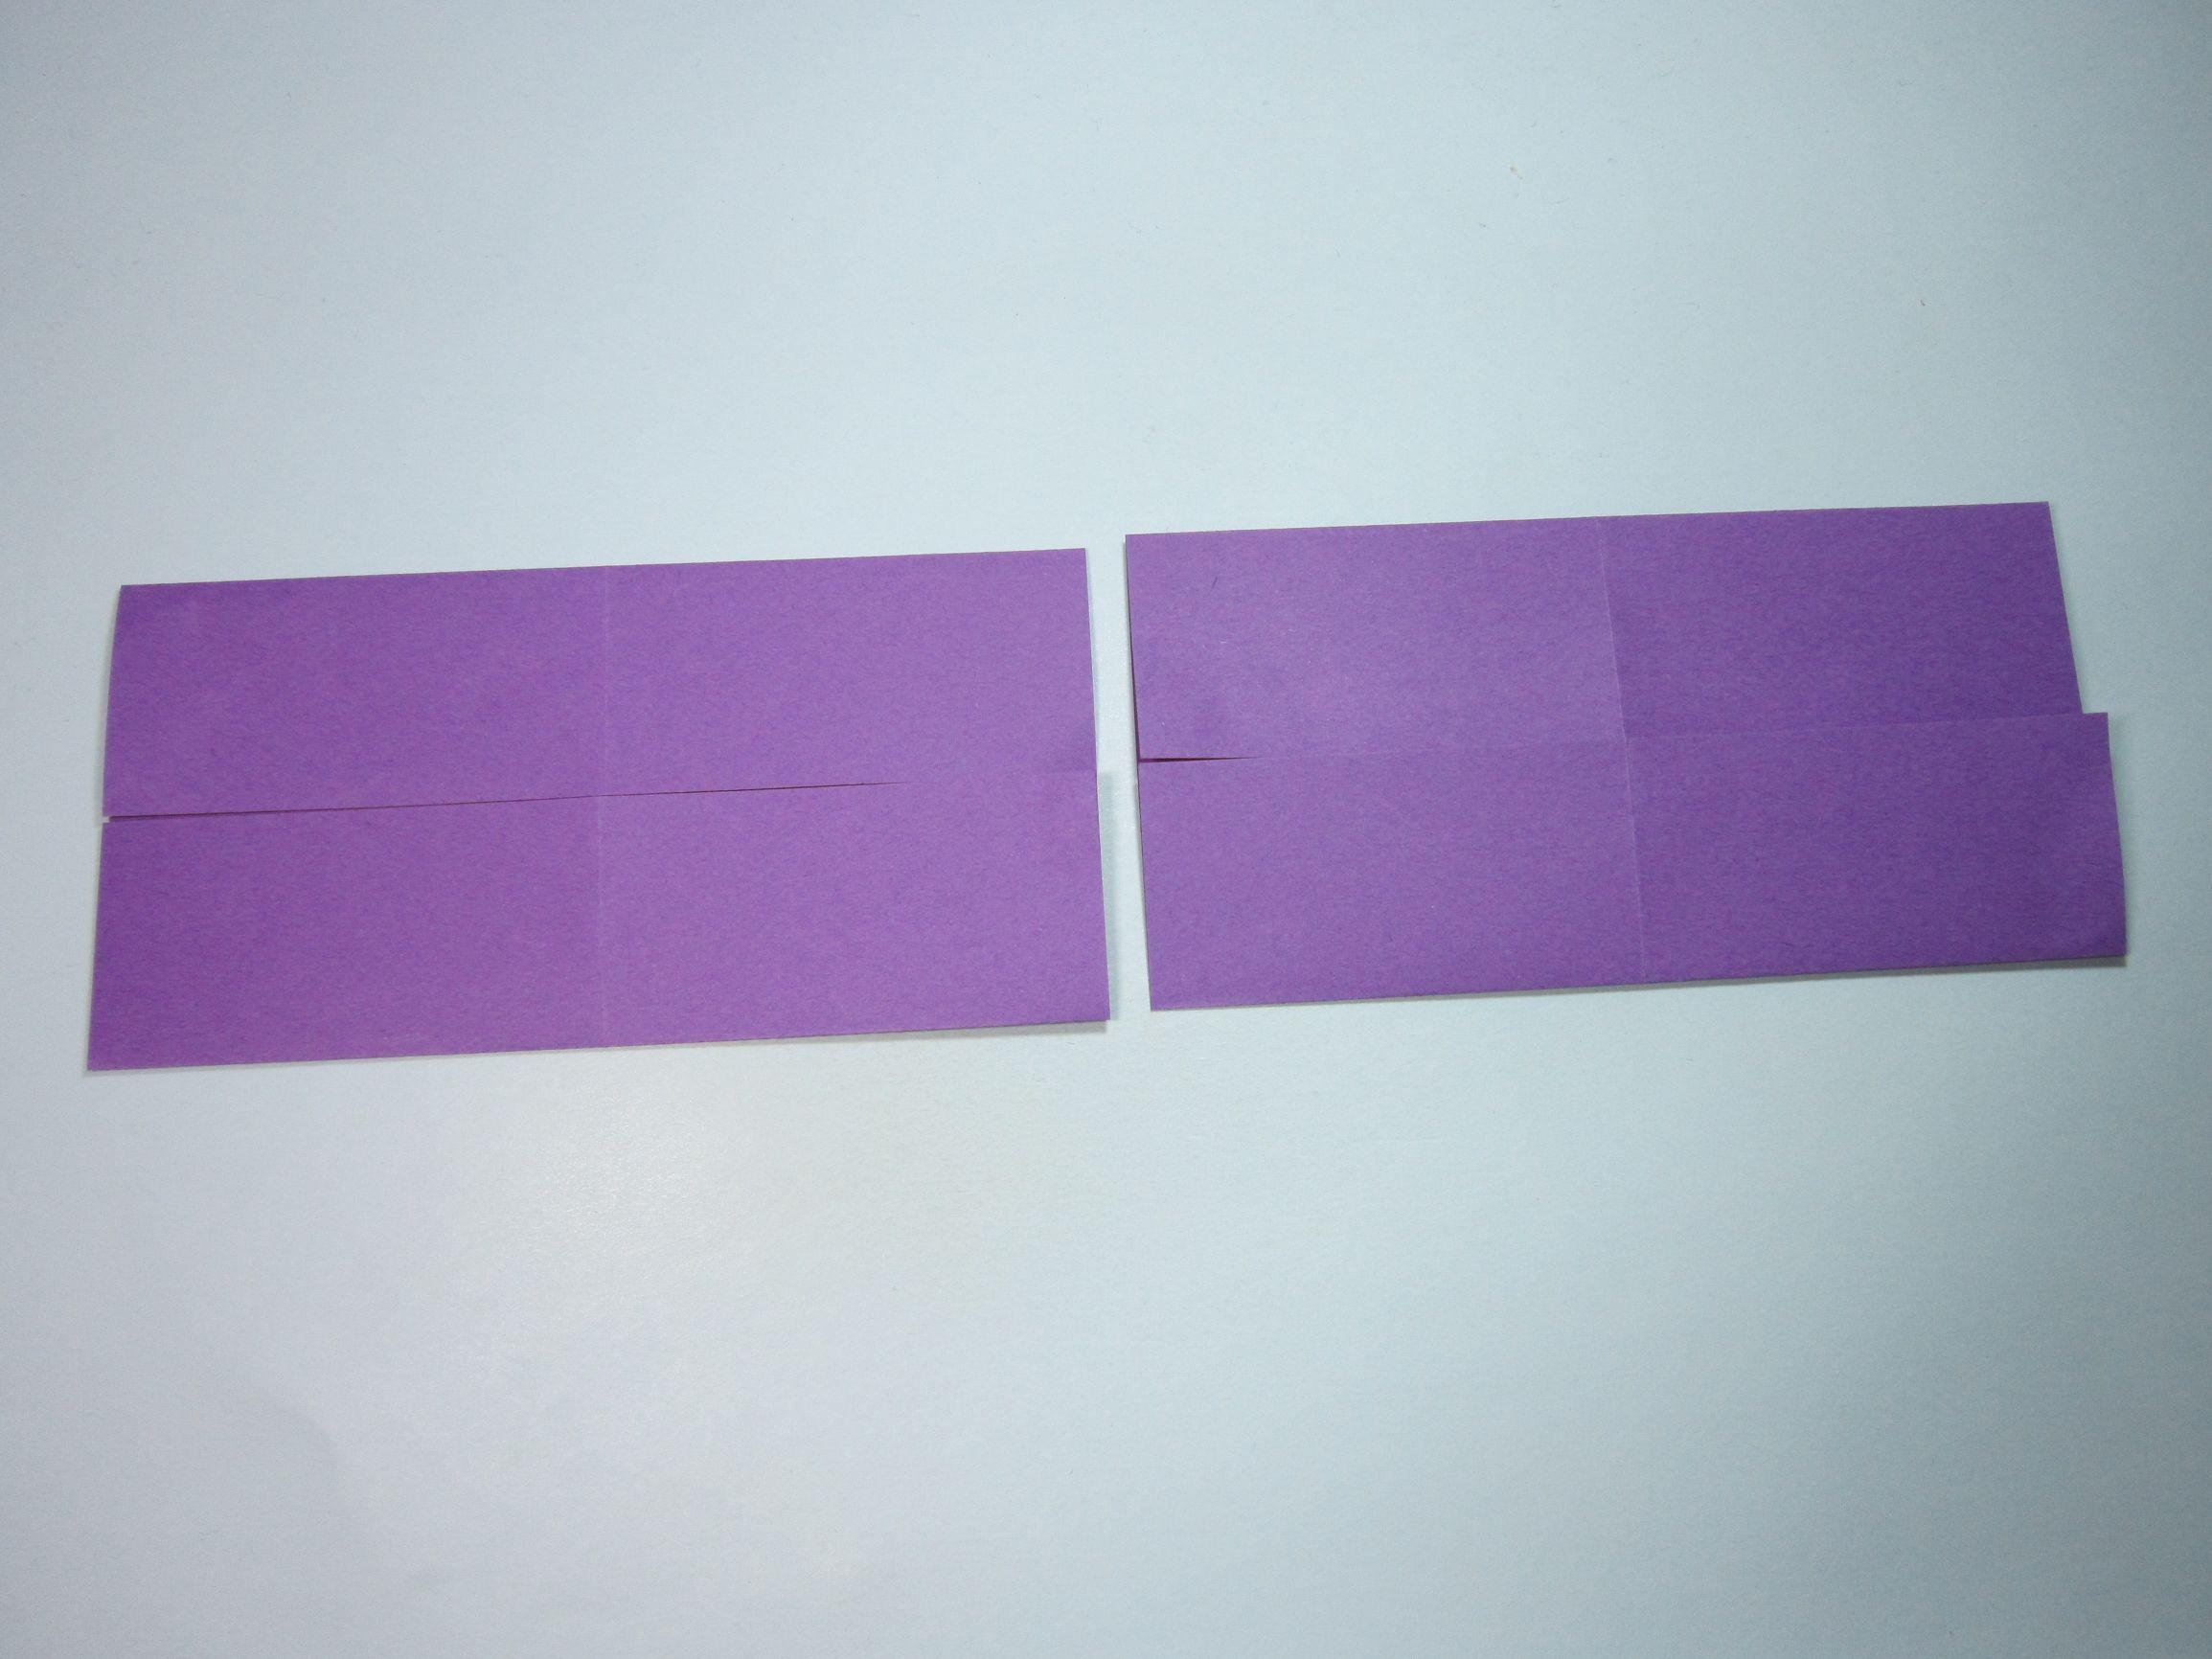 三角飞镖怎么折7步(简单飞镖的折法步骤图解)插图(2)